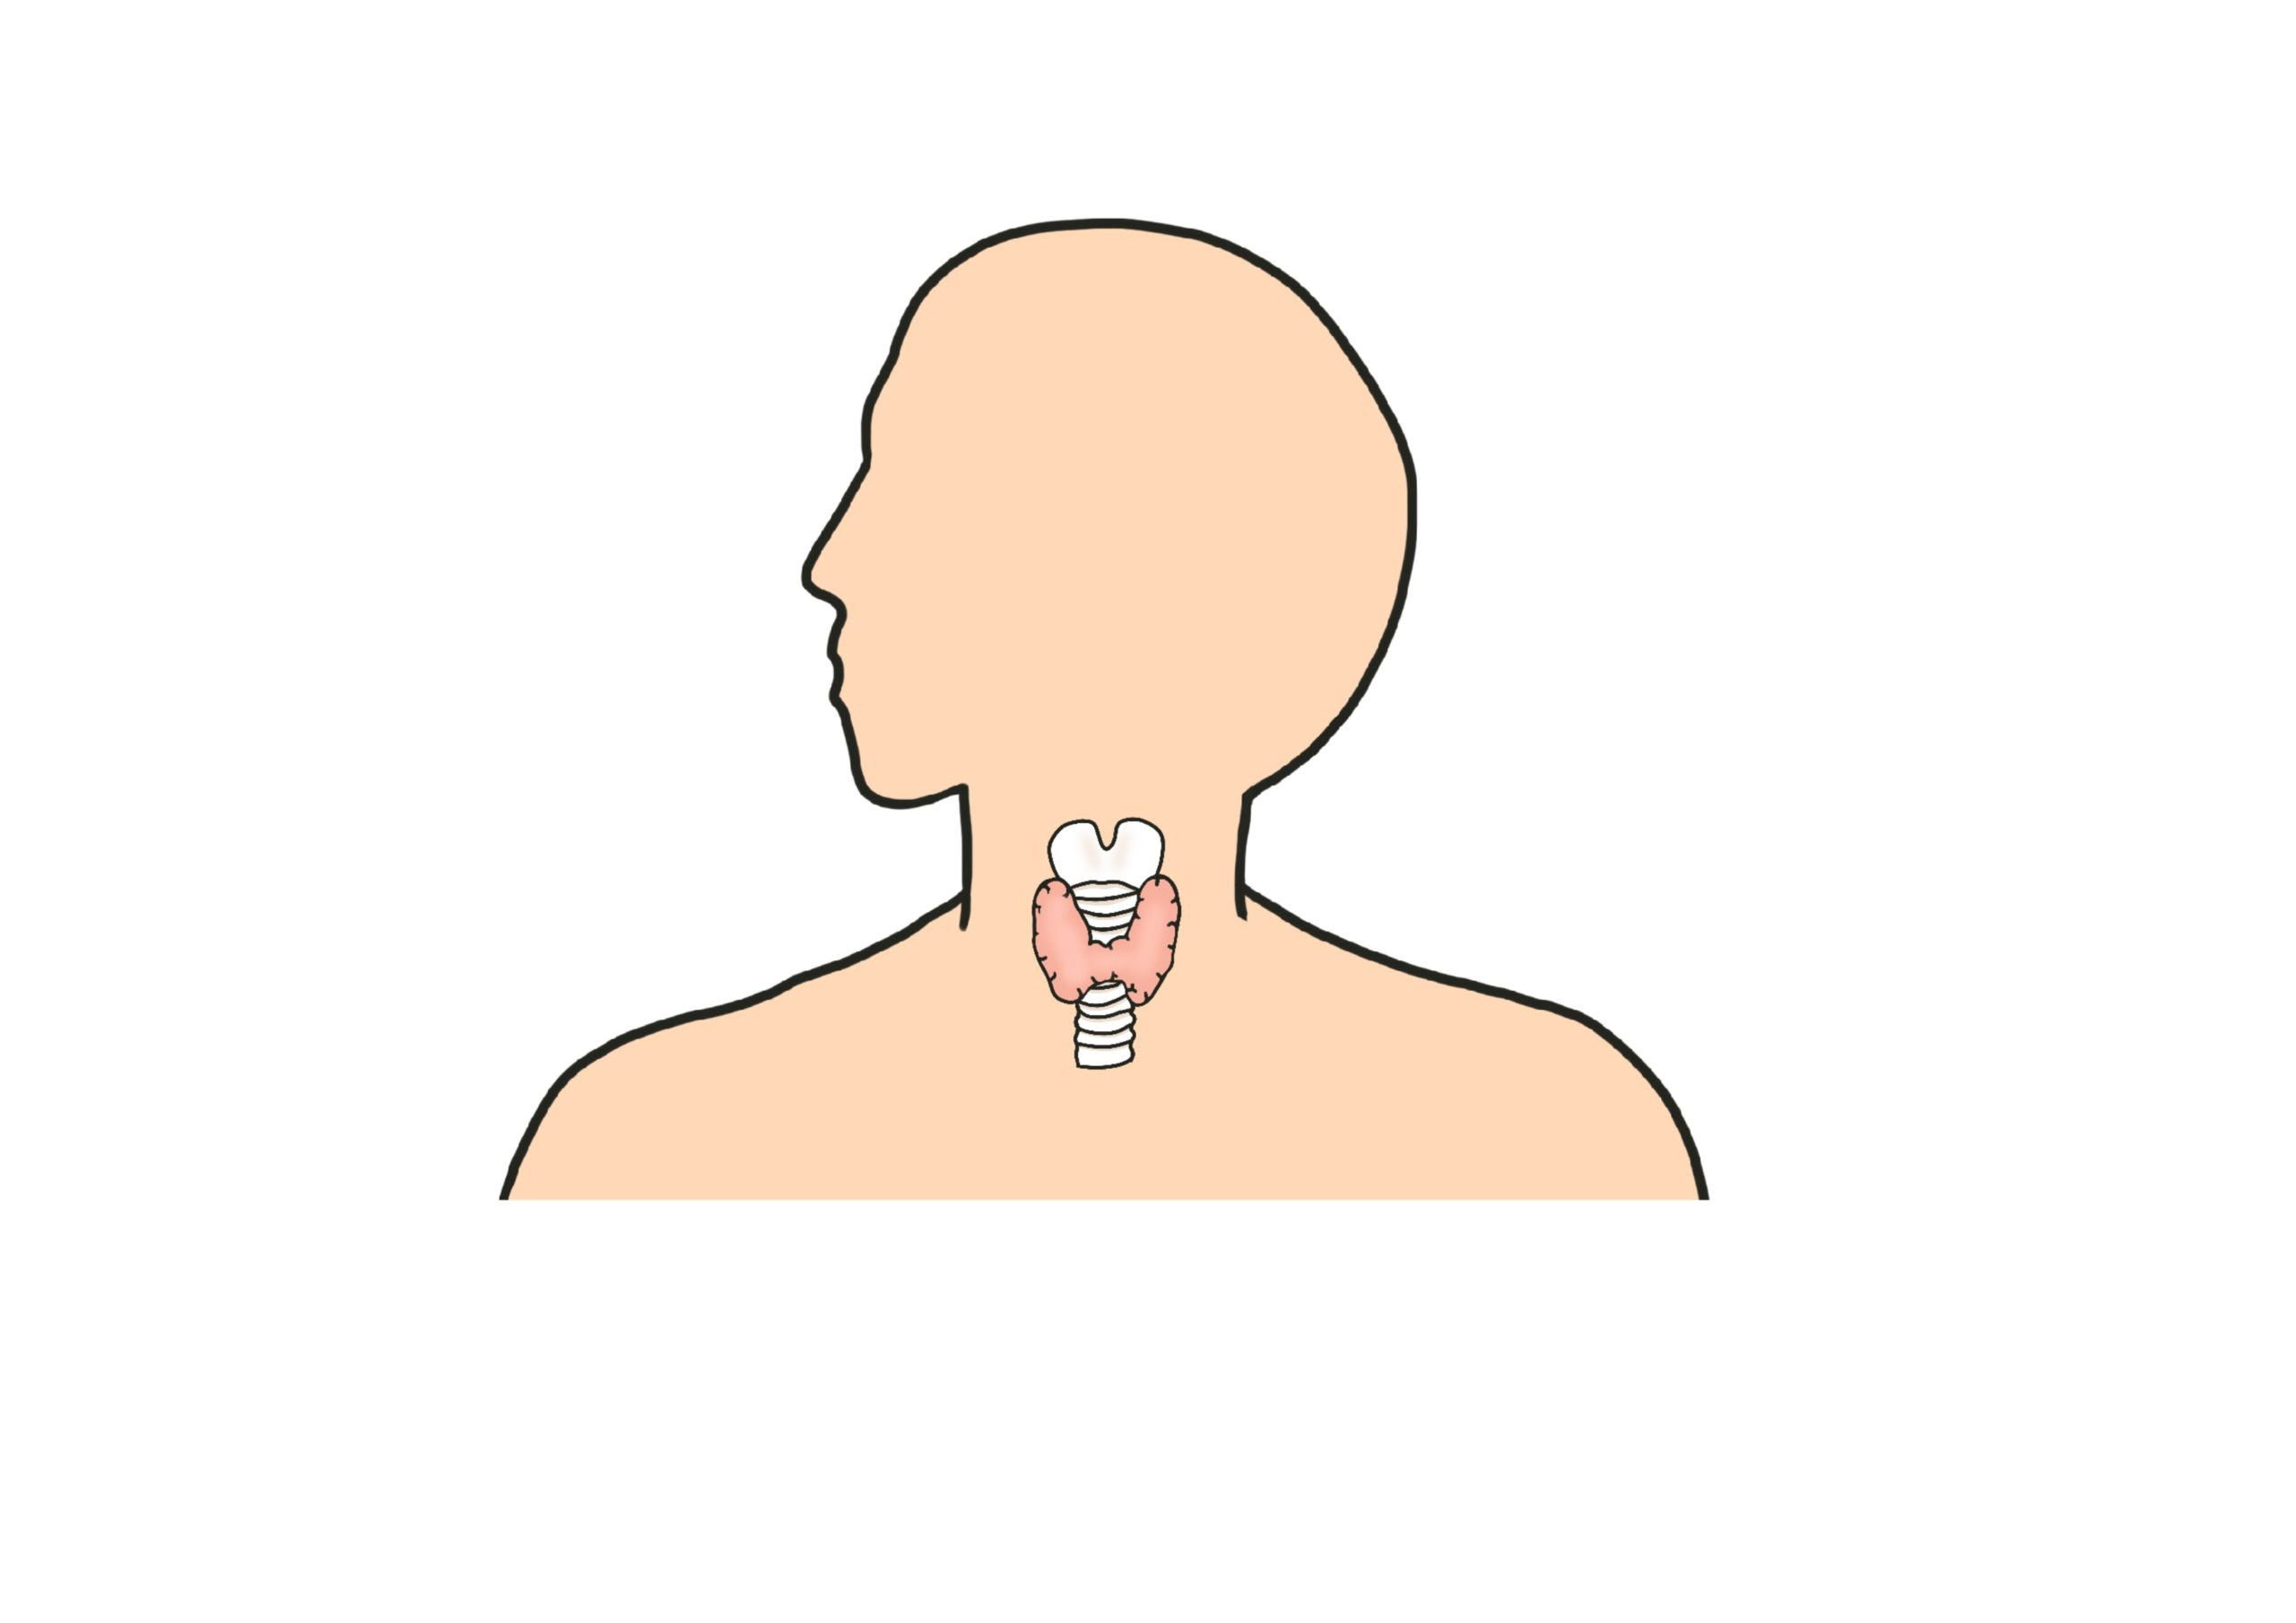 甲状腺 イラスト